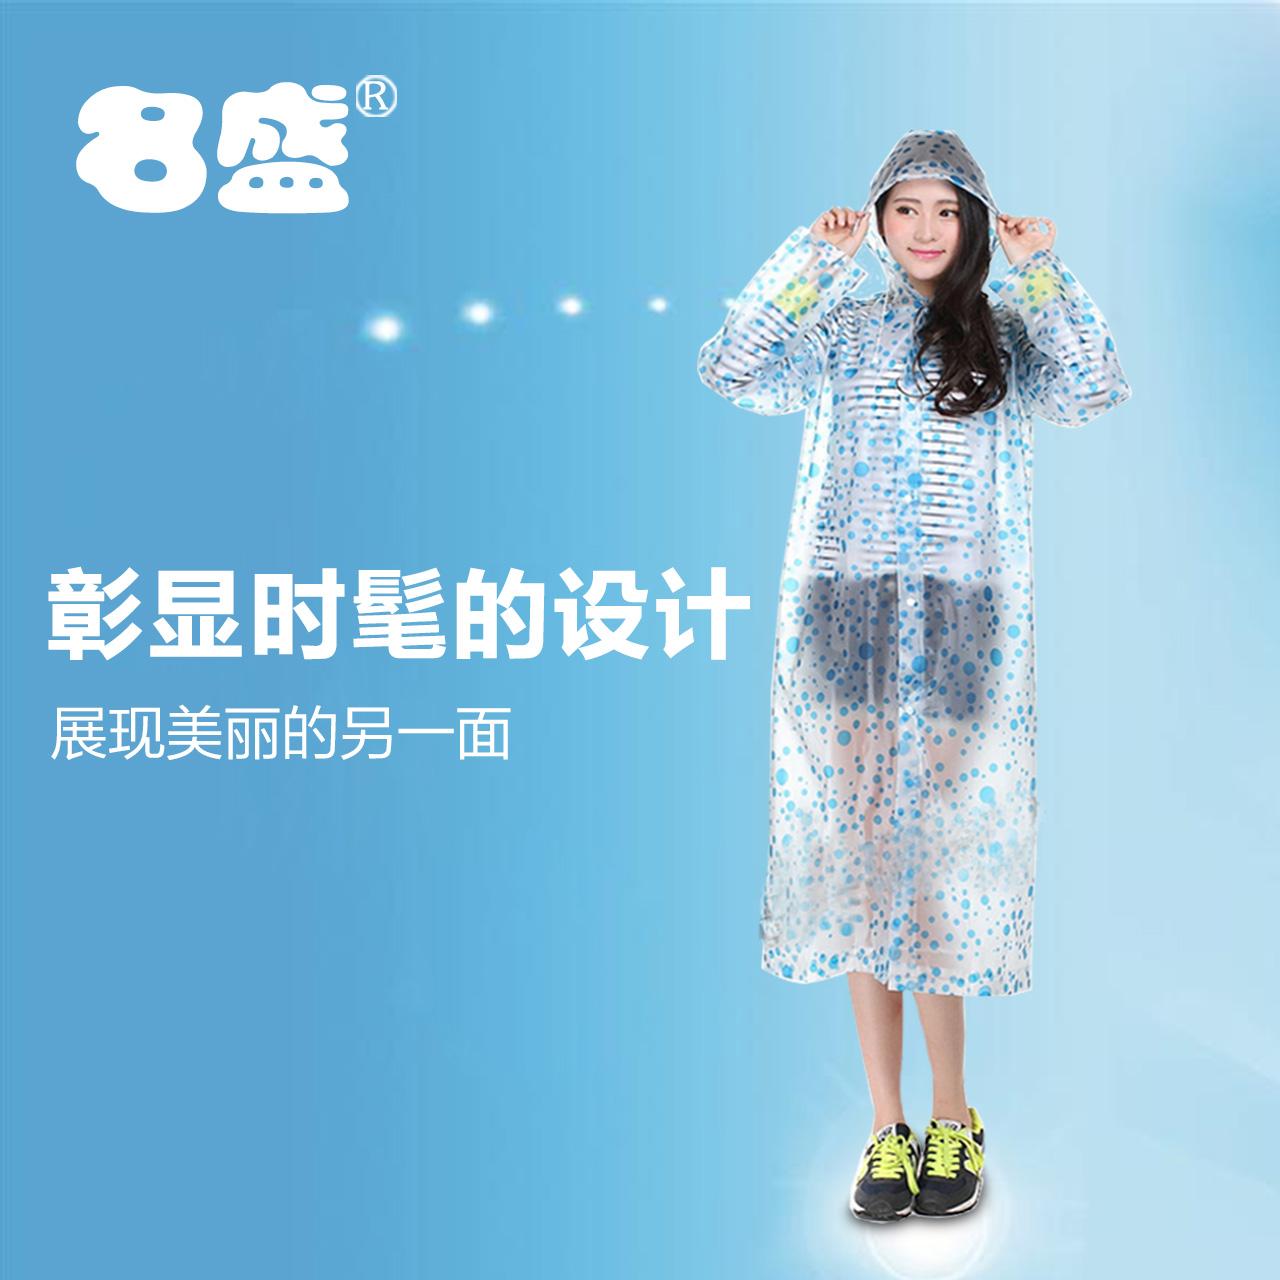 Японский и Корейский моды пальто плащи пончо с рукавами прозрачный плащи открытый non одноразовые плащи плащи сумка для хранения